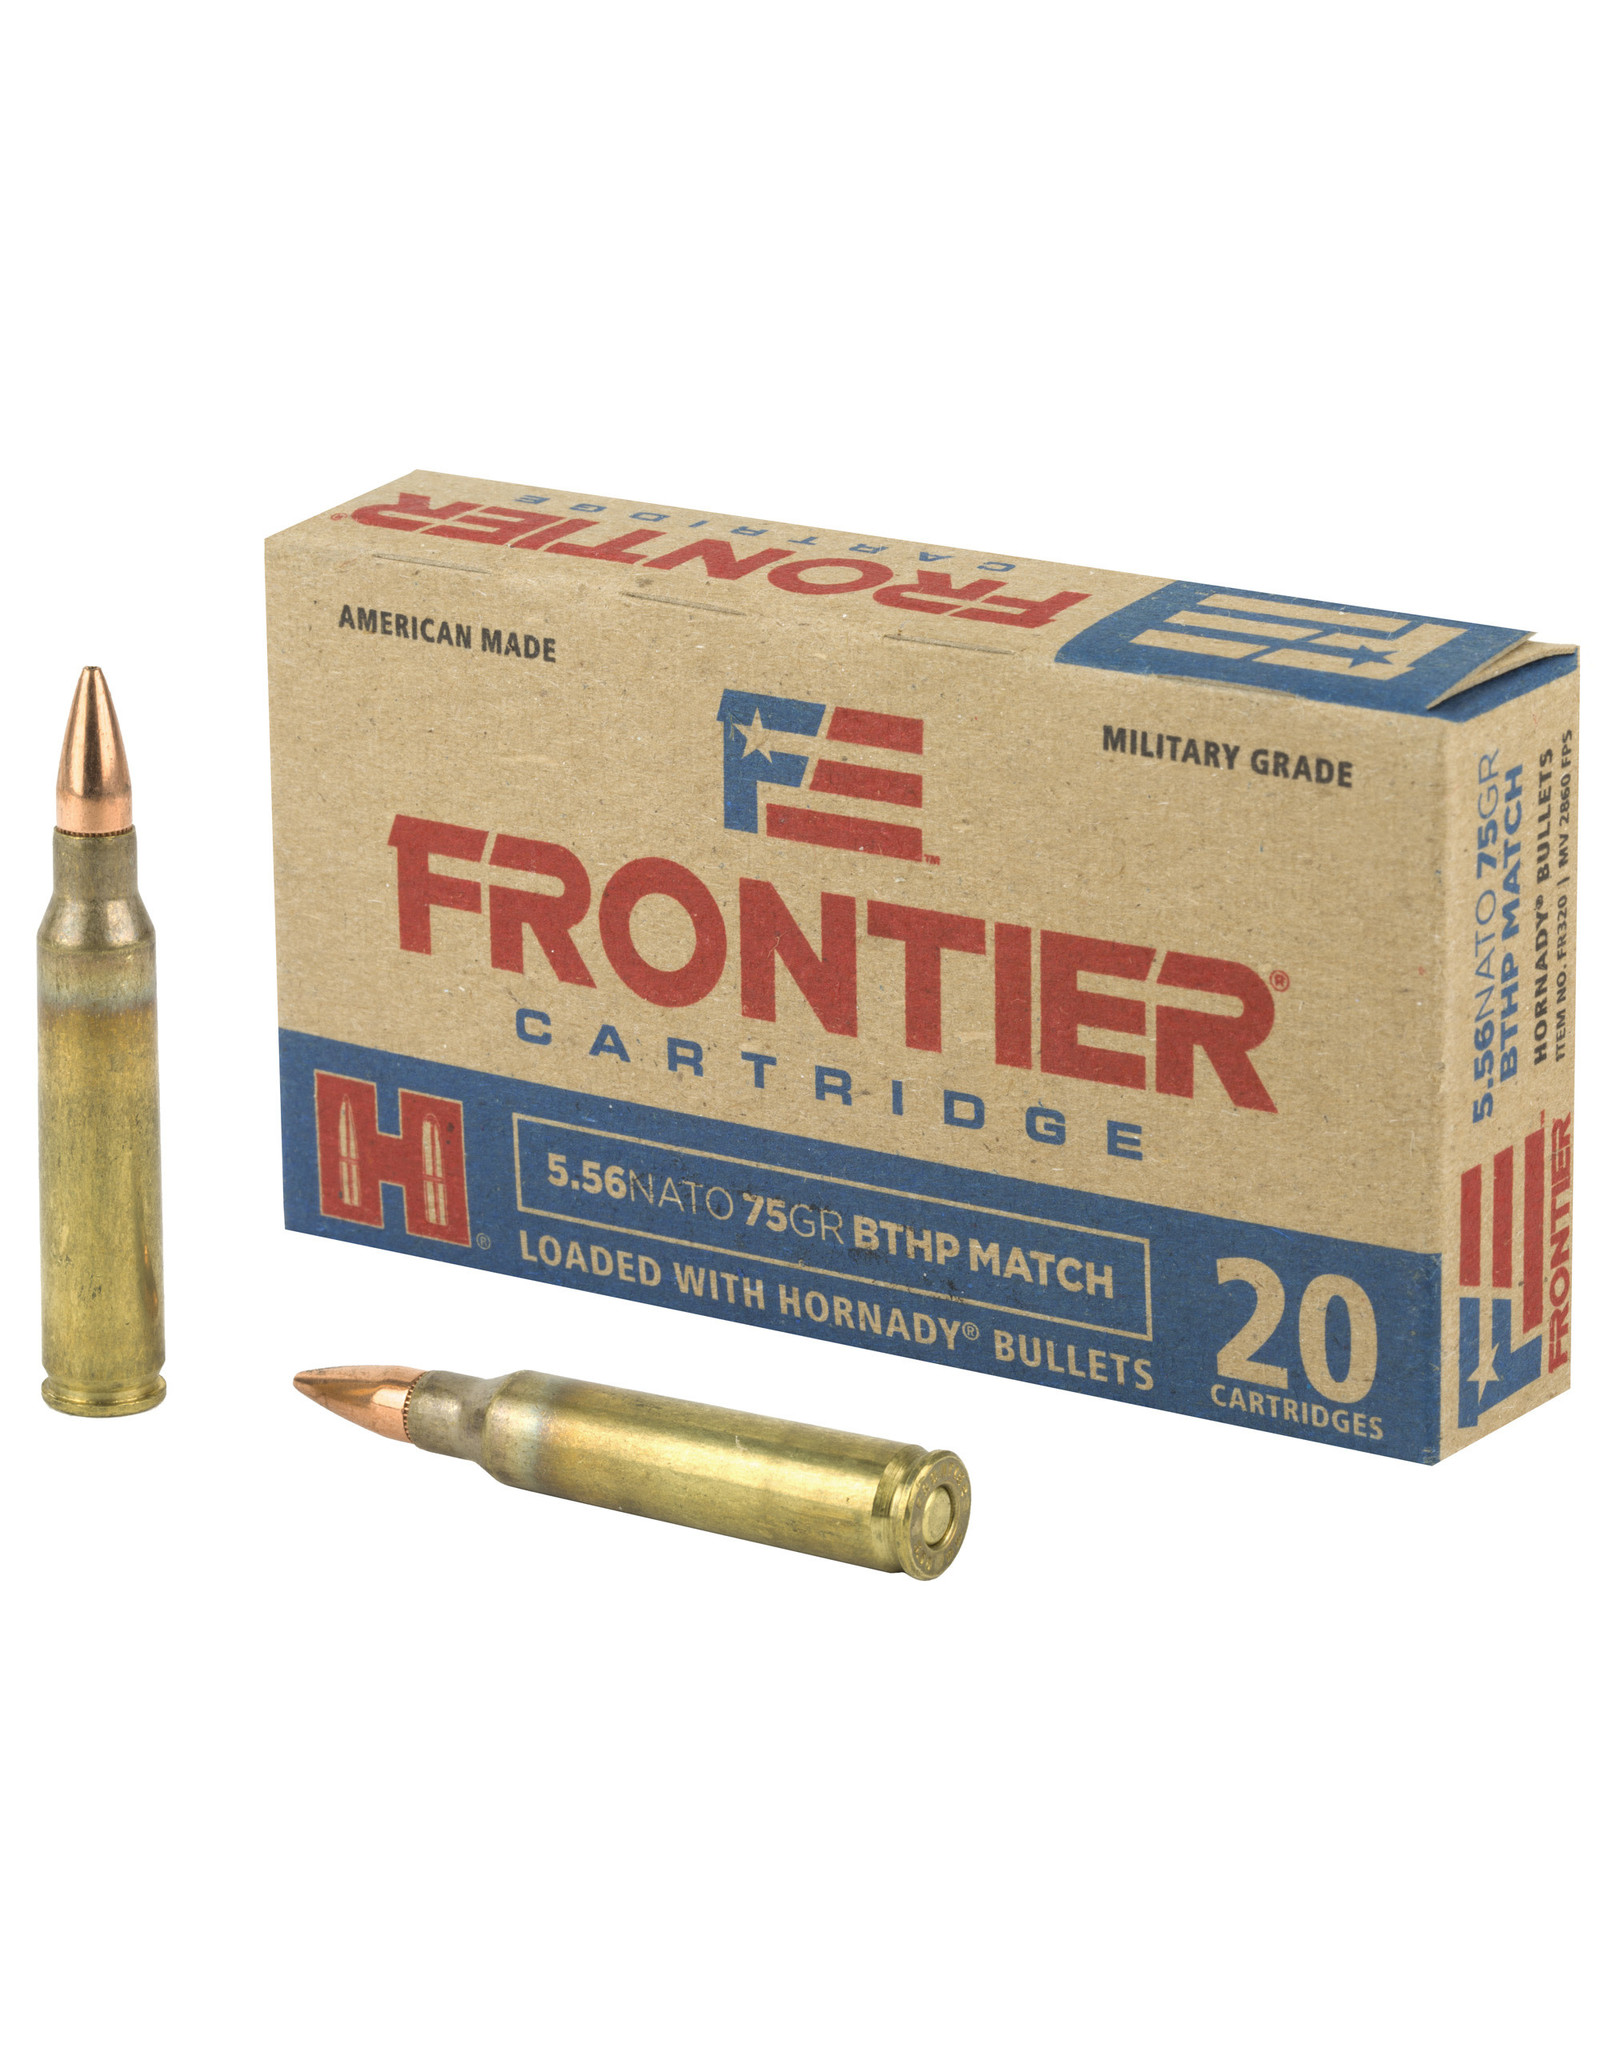 Frontier Cartridge Frontier - 5.56mm - 75gr BTHP Match - 20ct